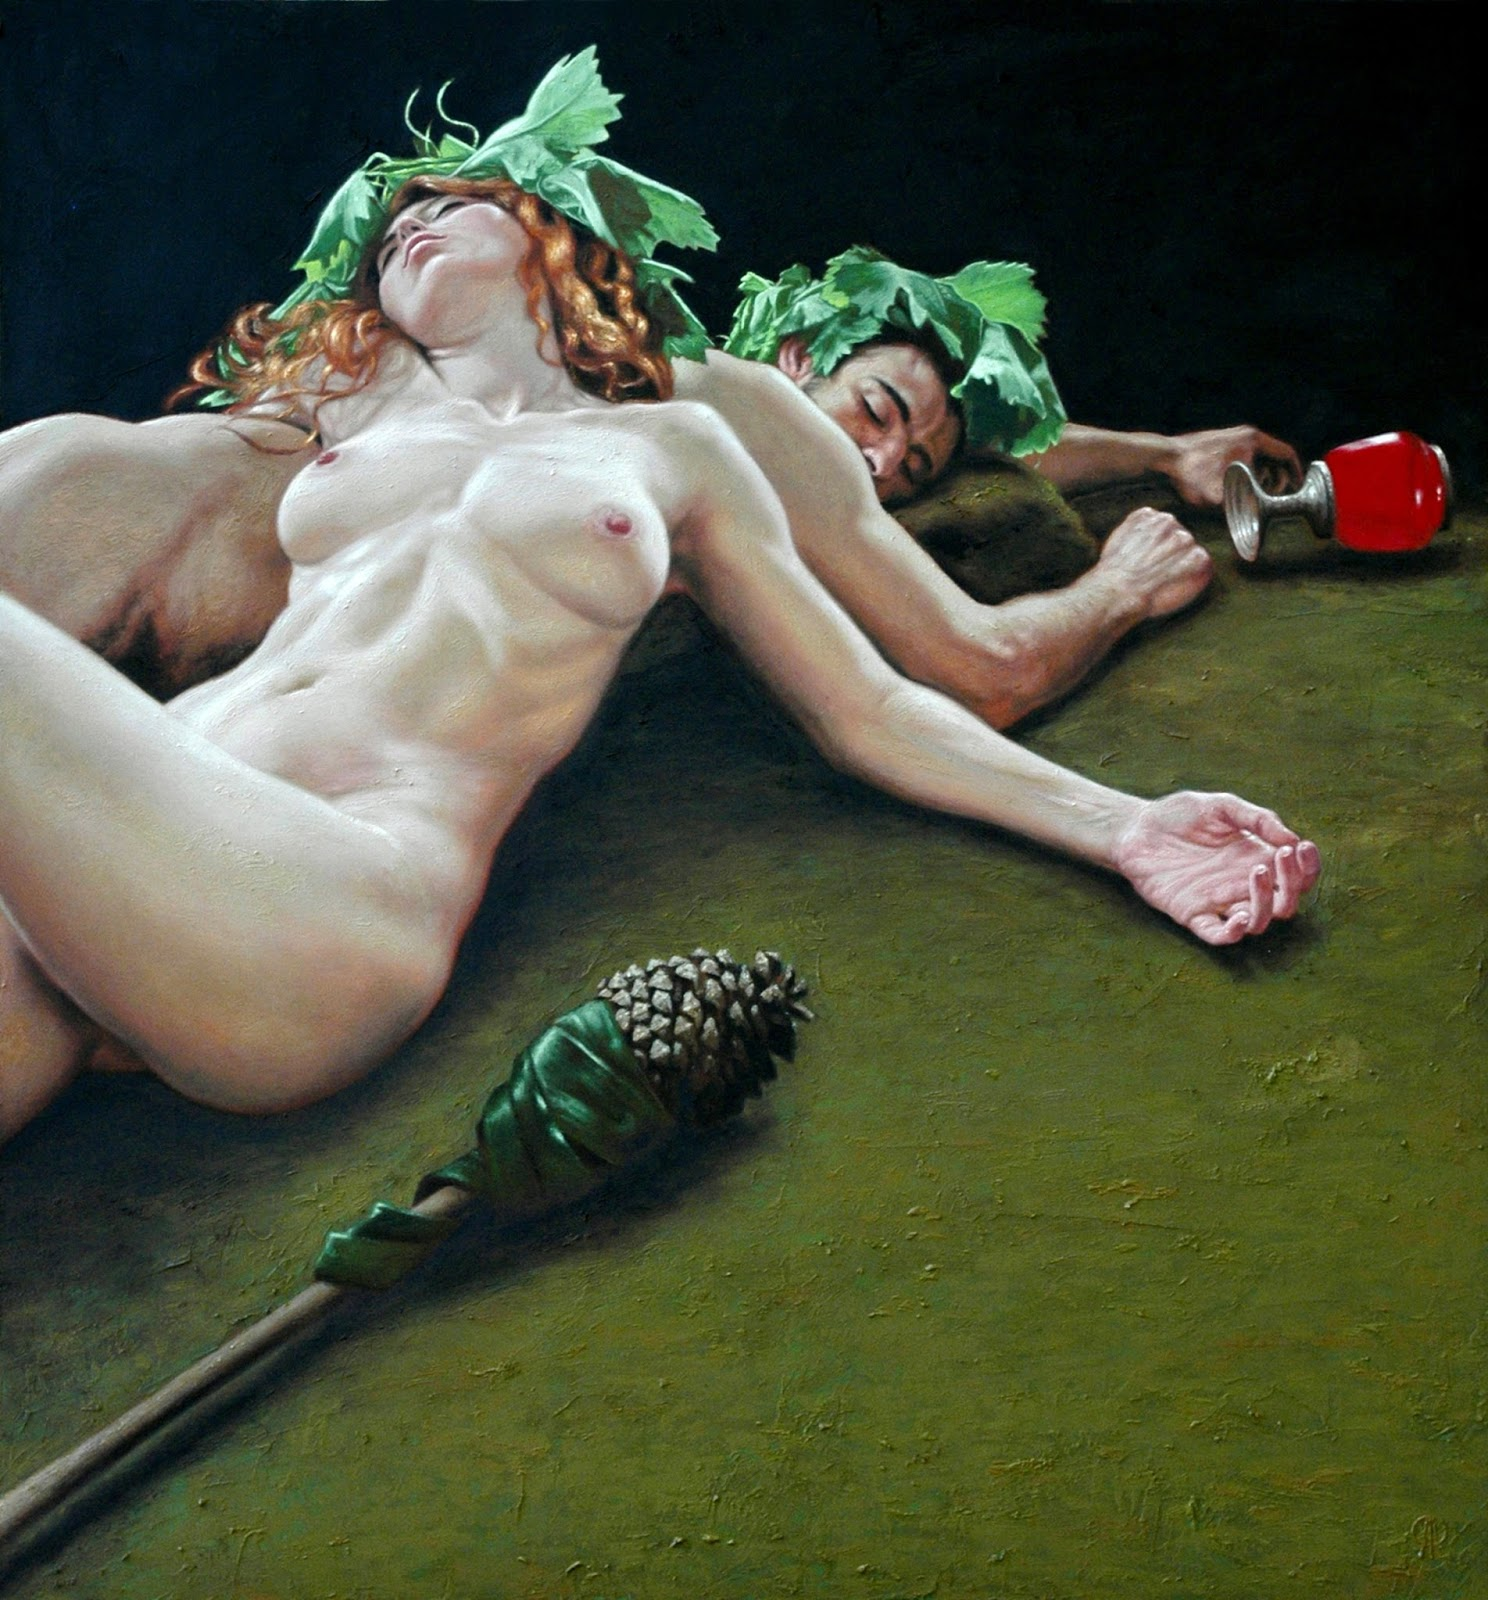 Baccanti, Carlo Alberto Palumbo (1976, Italian, Napoli)